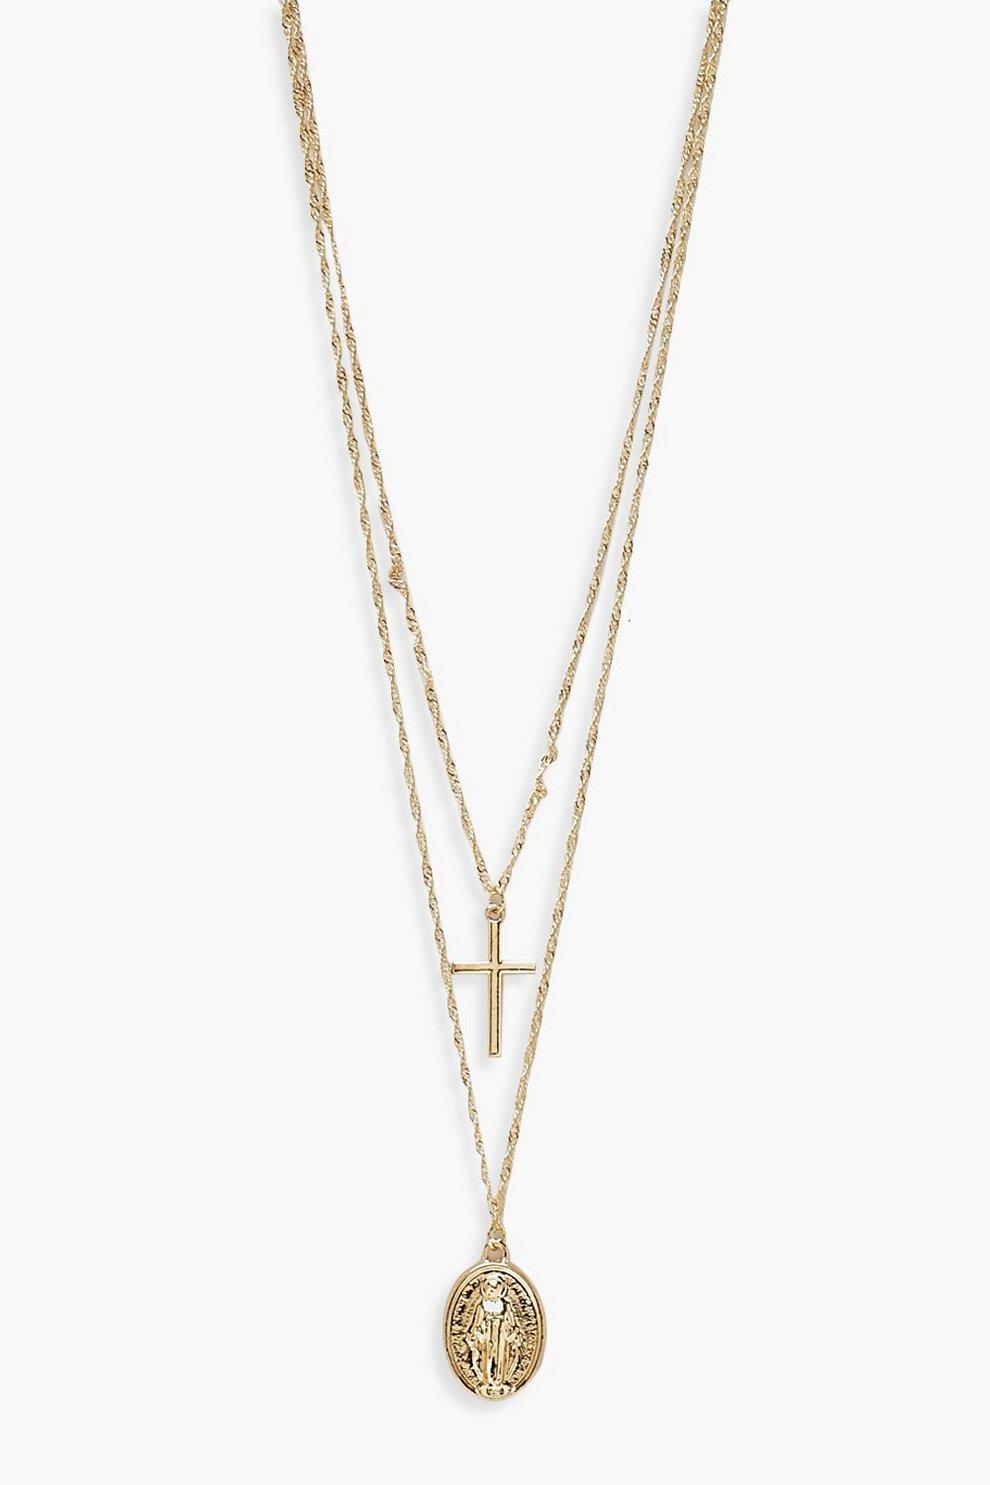 0f728a85fdc5 Collar tipo gargantilla con colgante de cruz en capas Plus